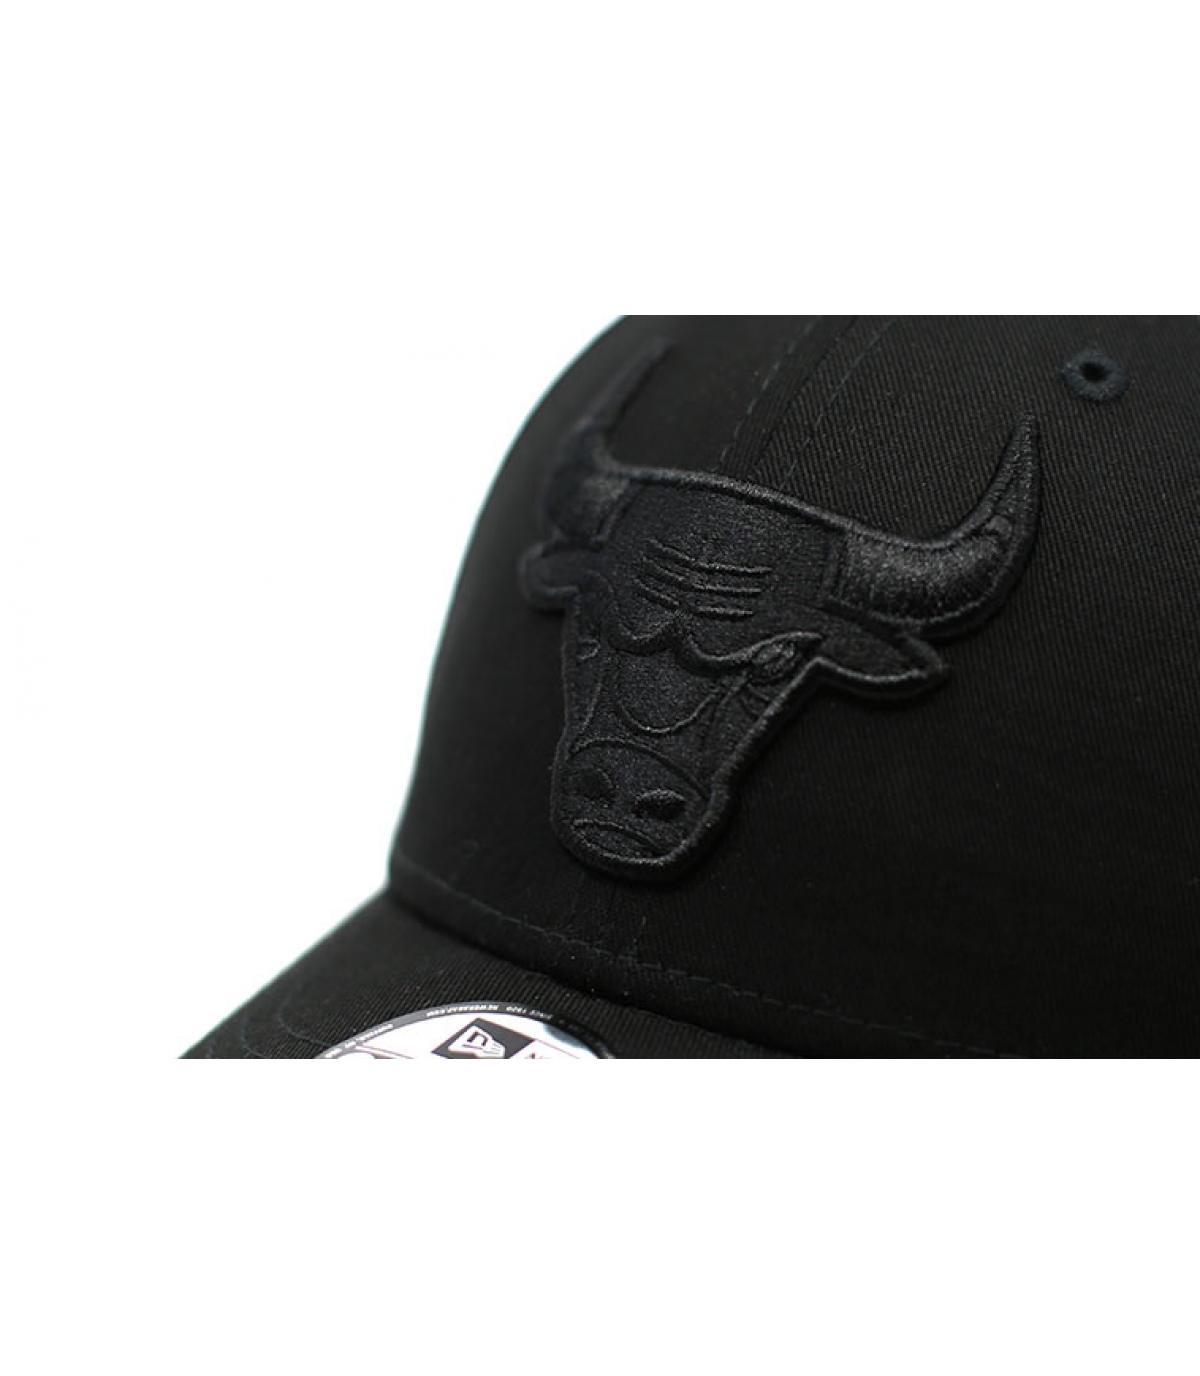 Détails Casquette 9Forty Bulls Snapback black - image 3